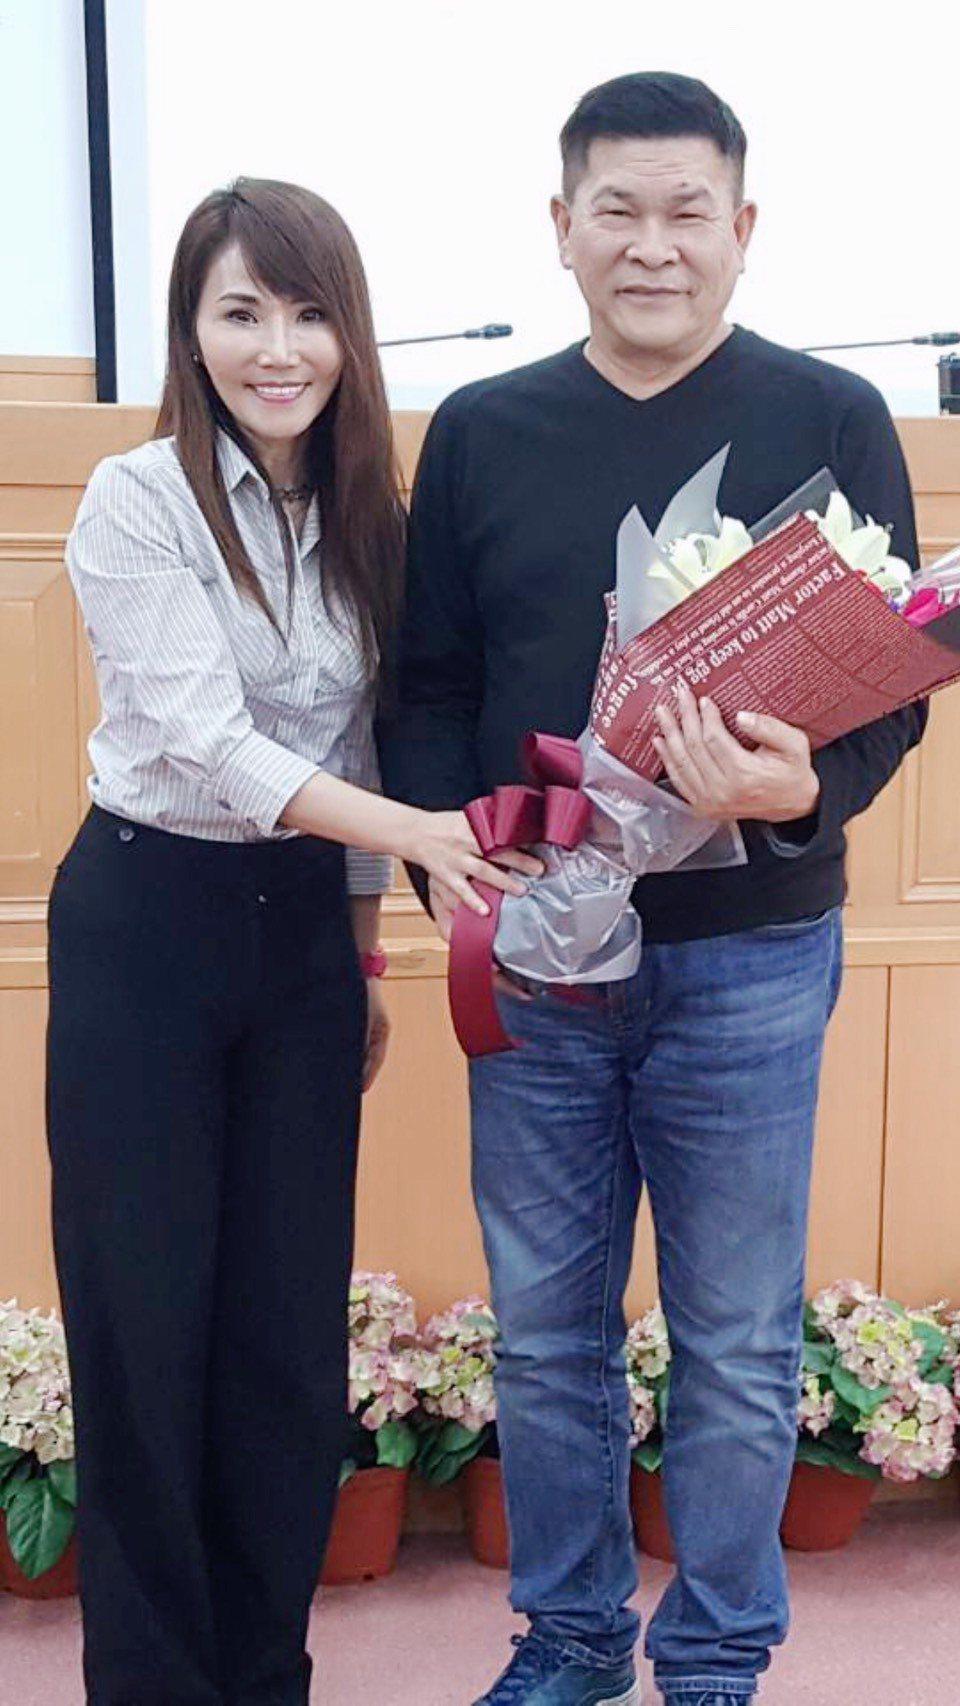 也是出身影劇圈的系主任胡曉菁(左)獻花表達歡迎。圖/遠東科大提供